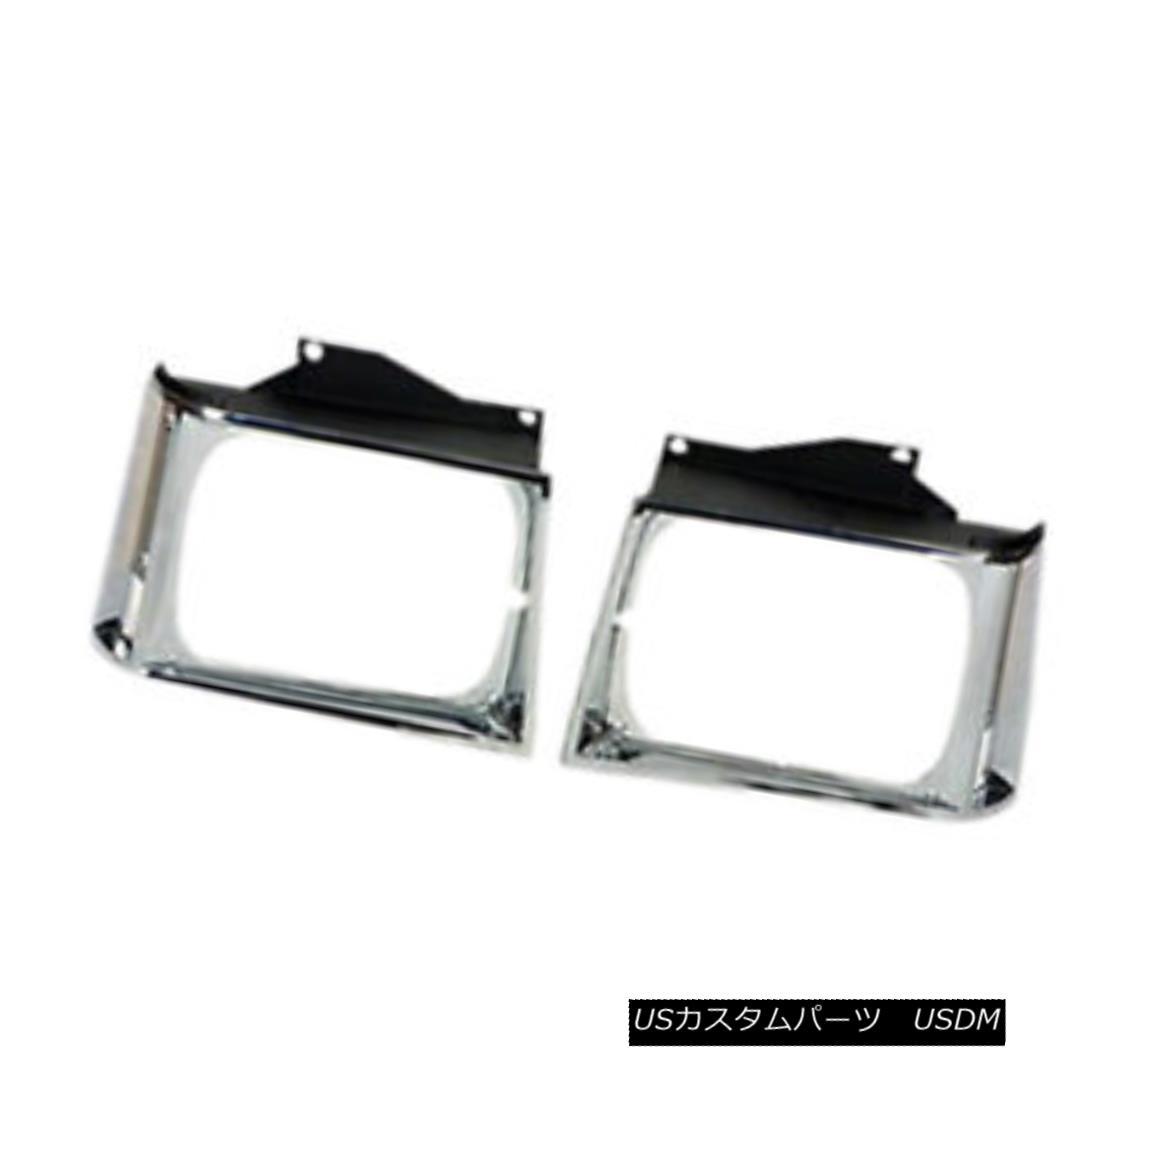 グリル New Replacement Headlight Door Chrome Passenger Side 630-00798BR 新しい交換ヘッドライトドアクローム乗客側630-00798BR